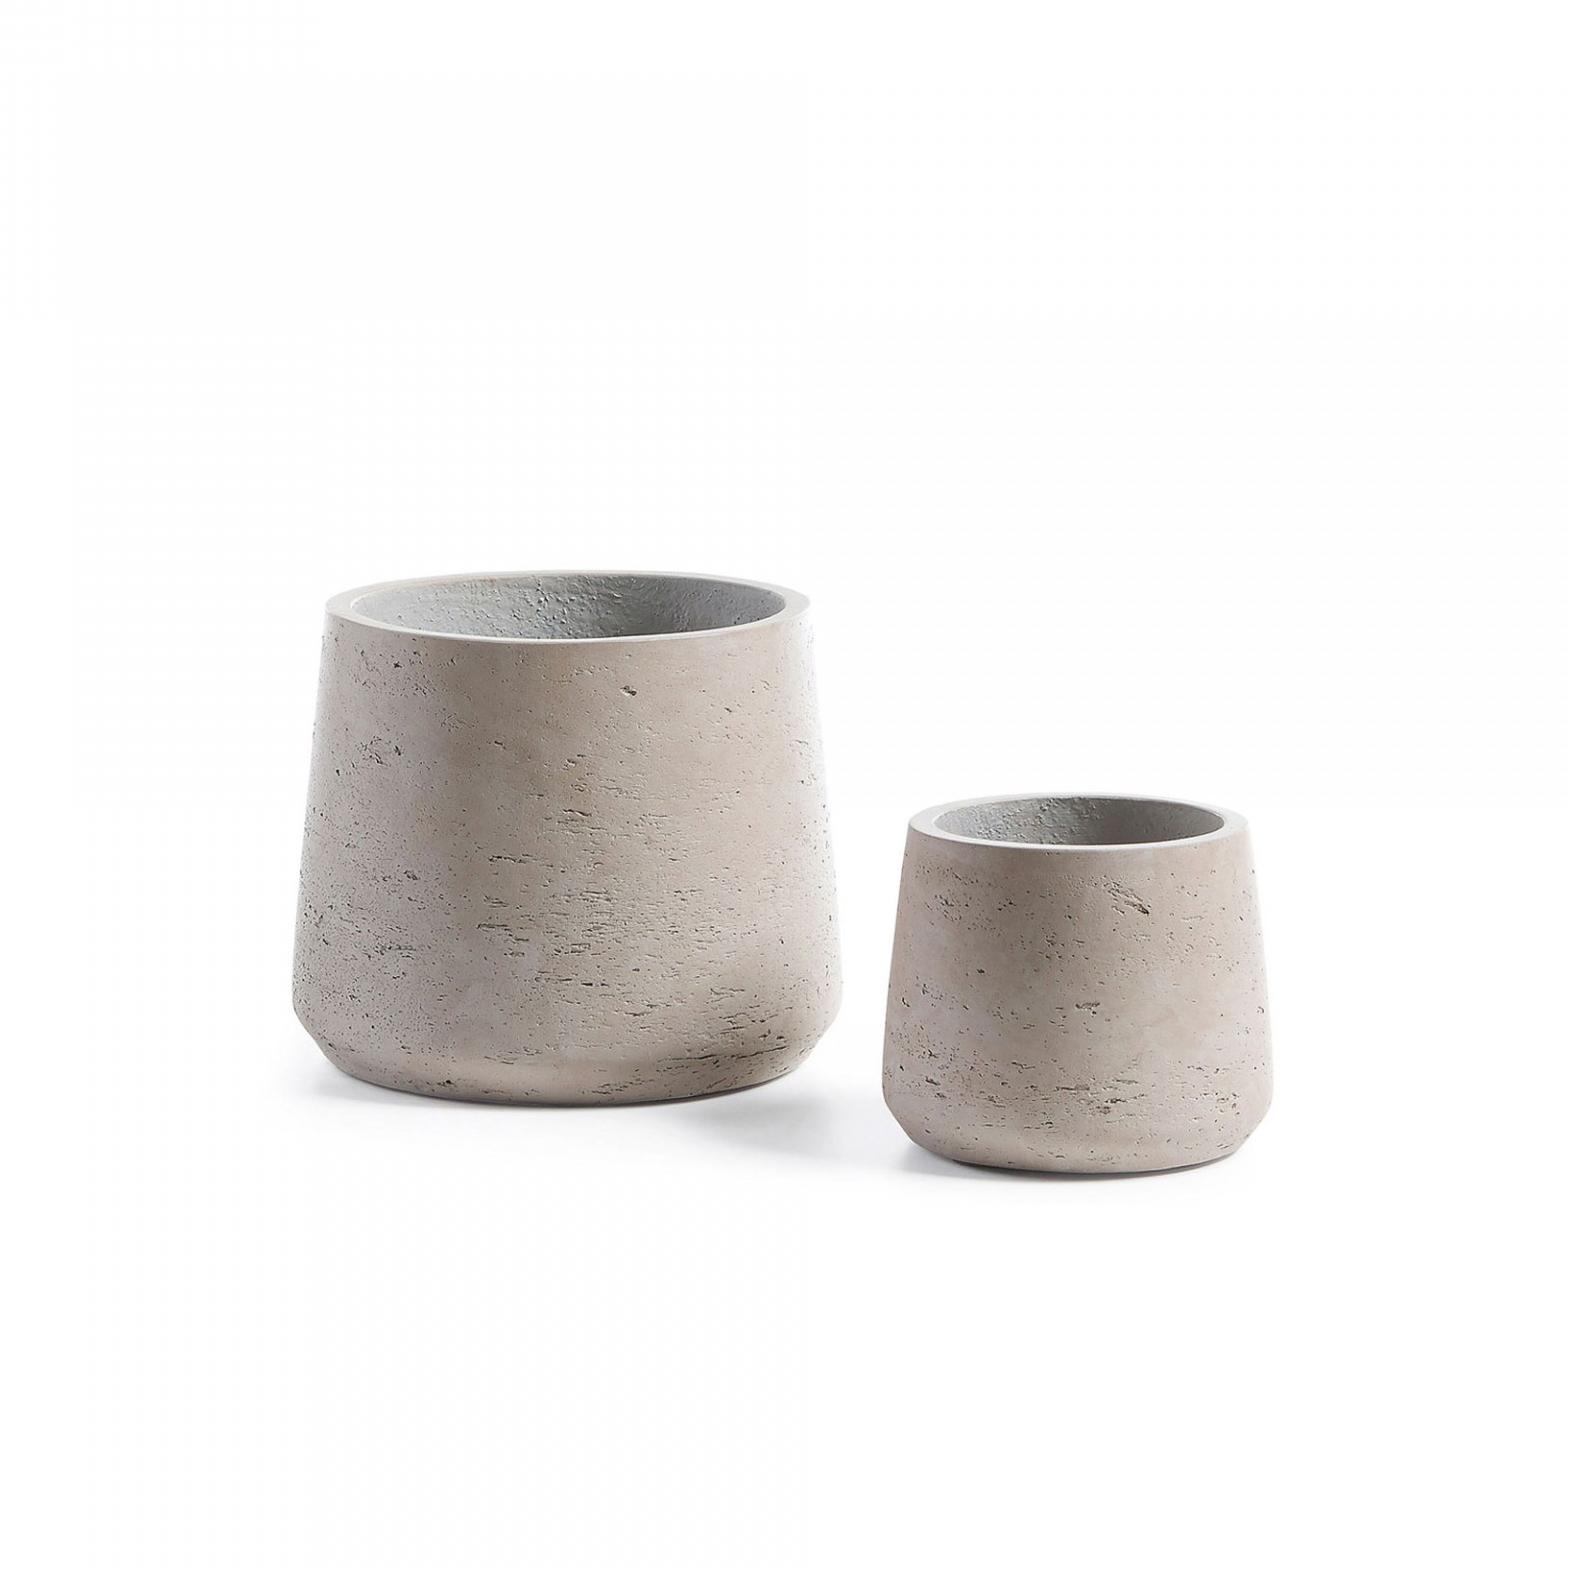 Vasos Livo, poli-cimento, bege, (Conj.2)